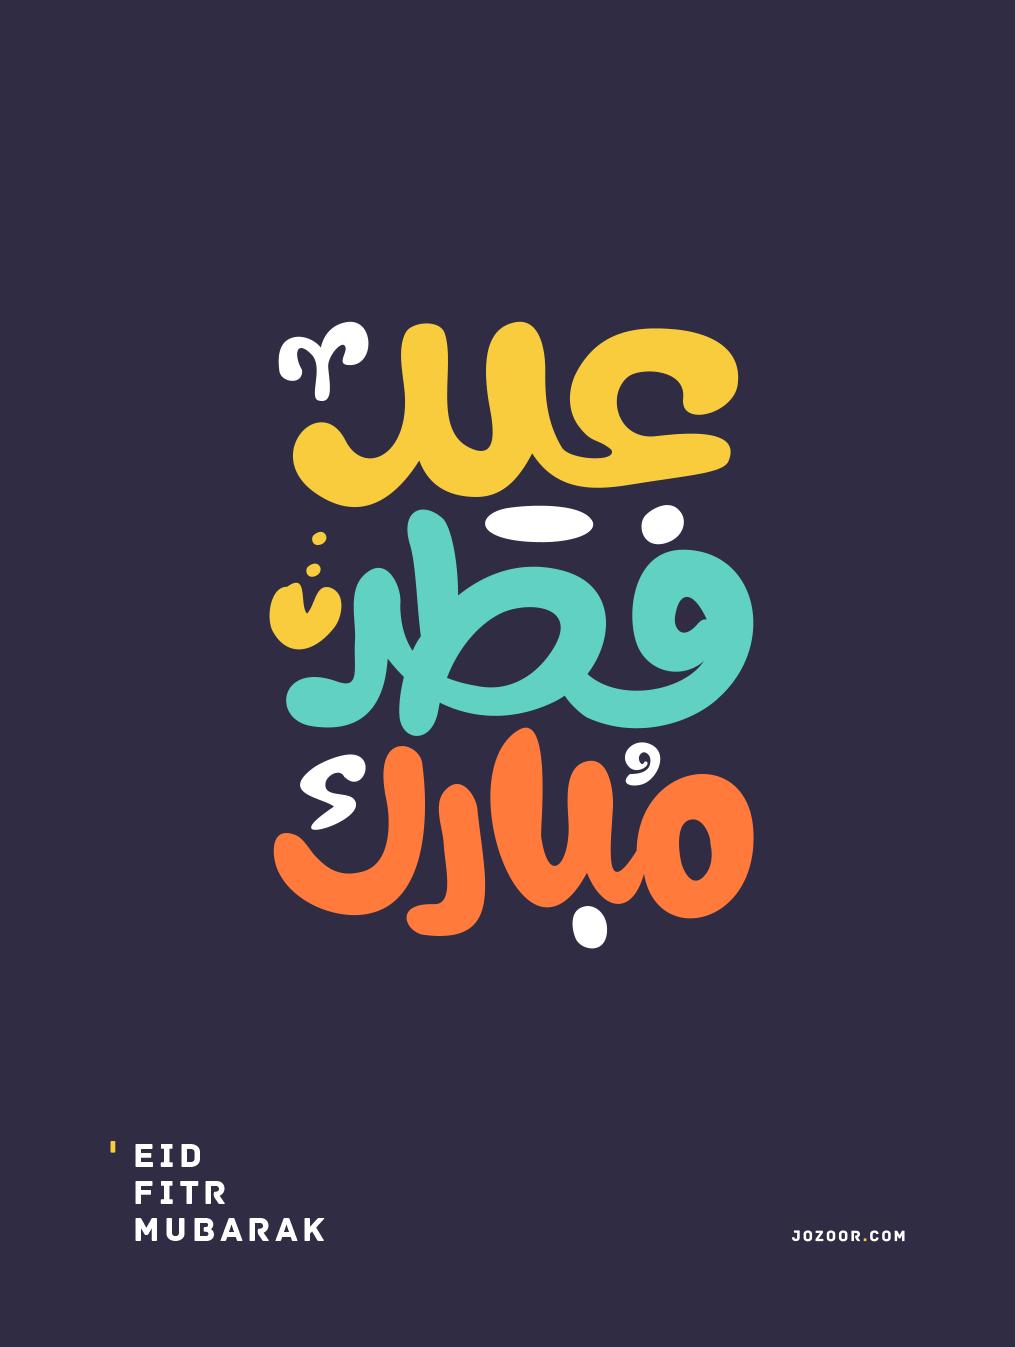 Daily Inspiration 2131 Eid Mubarak Images Eid Greetings Eid Mubarak